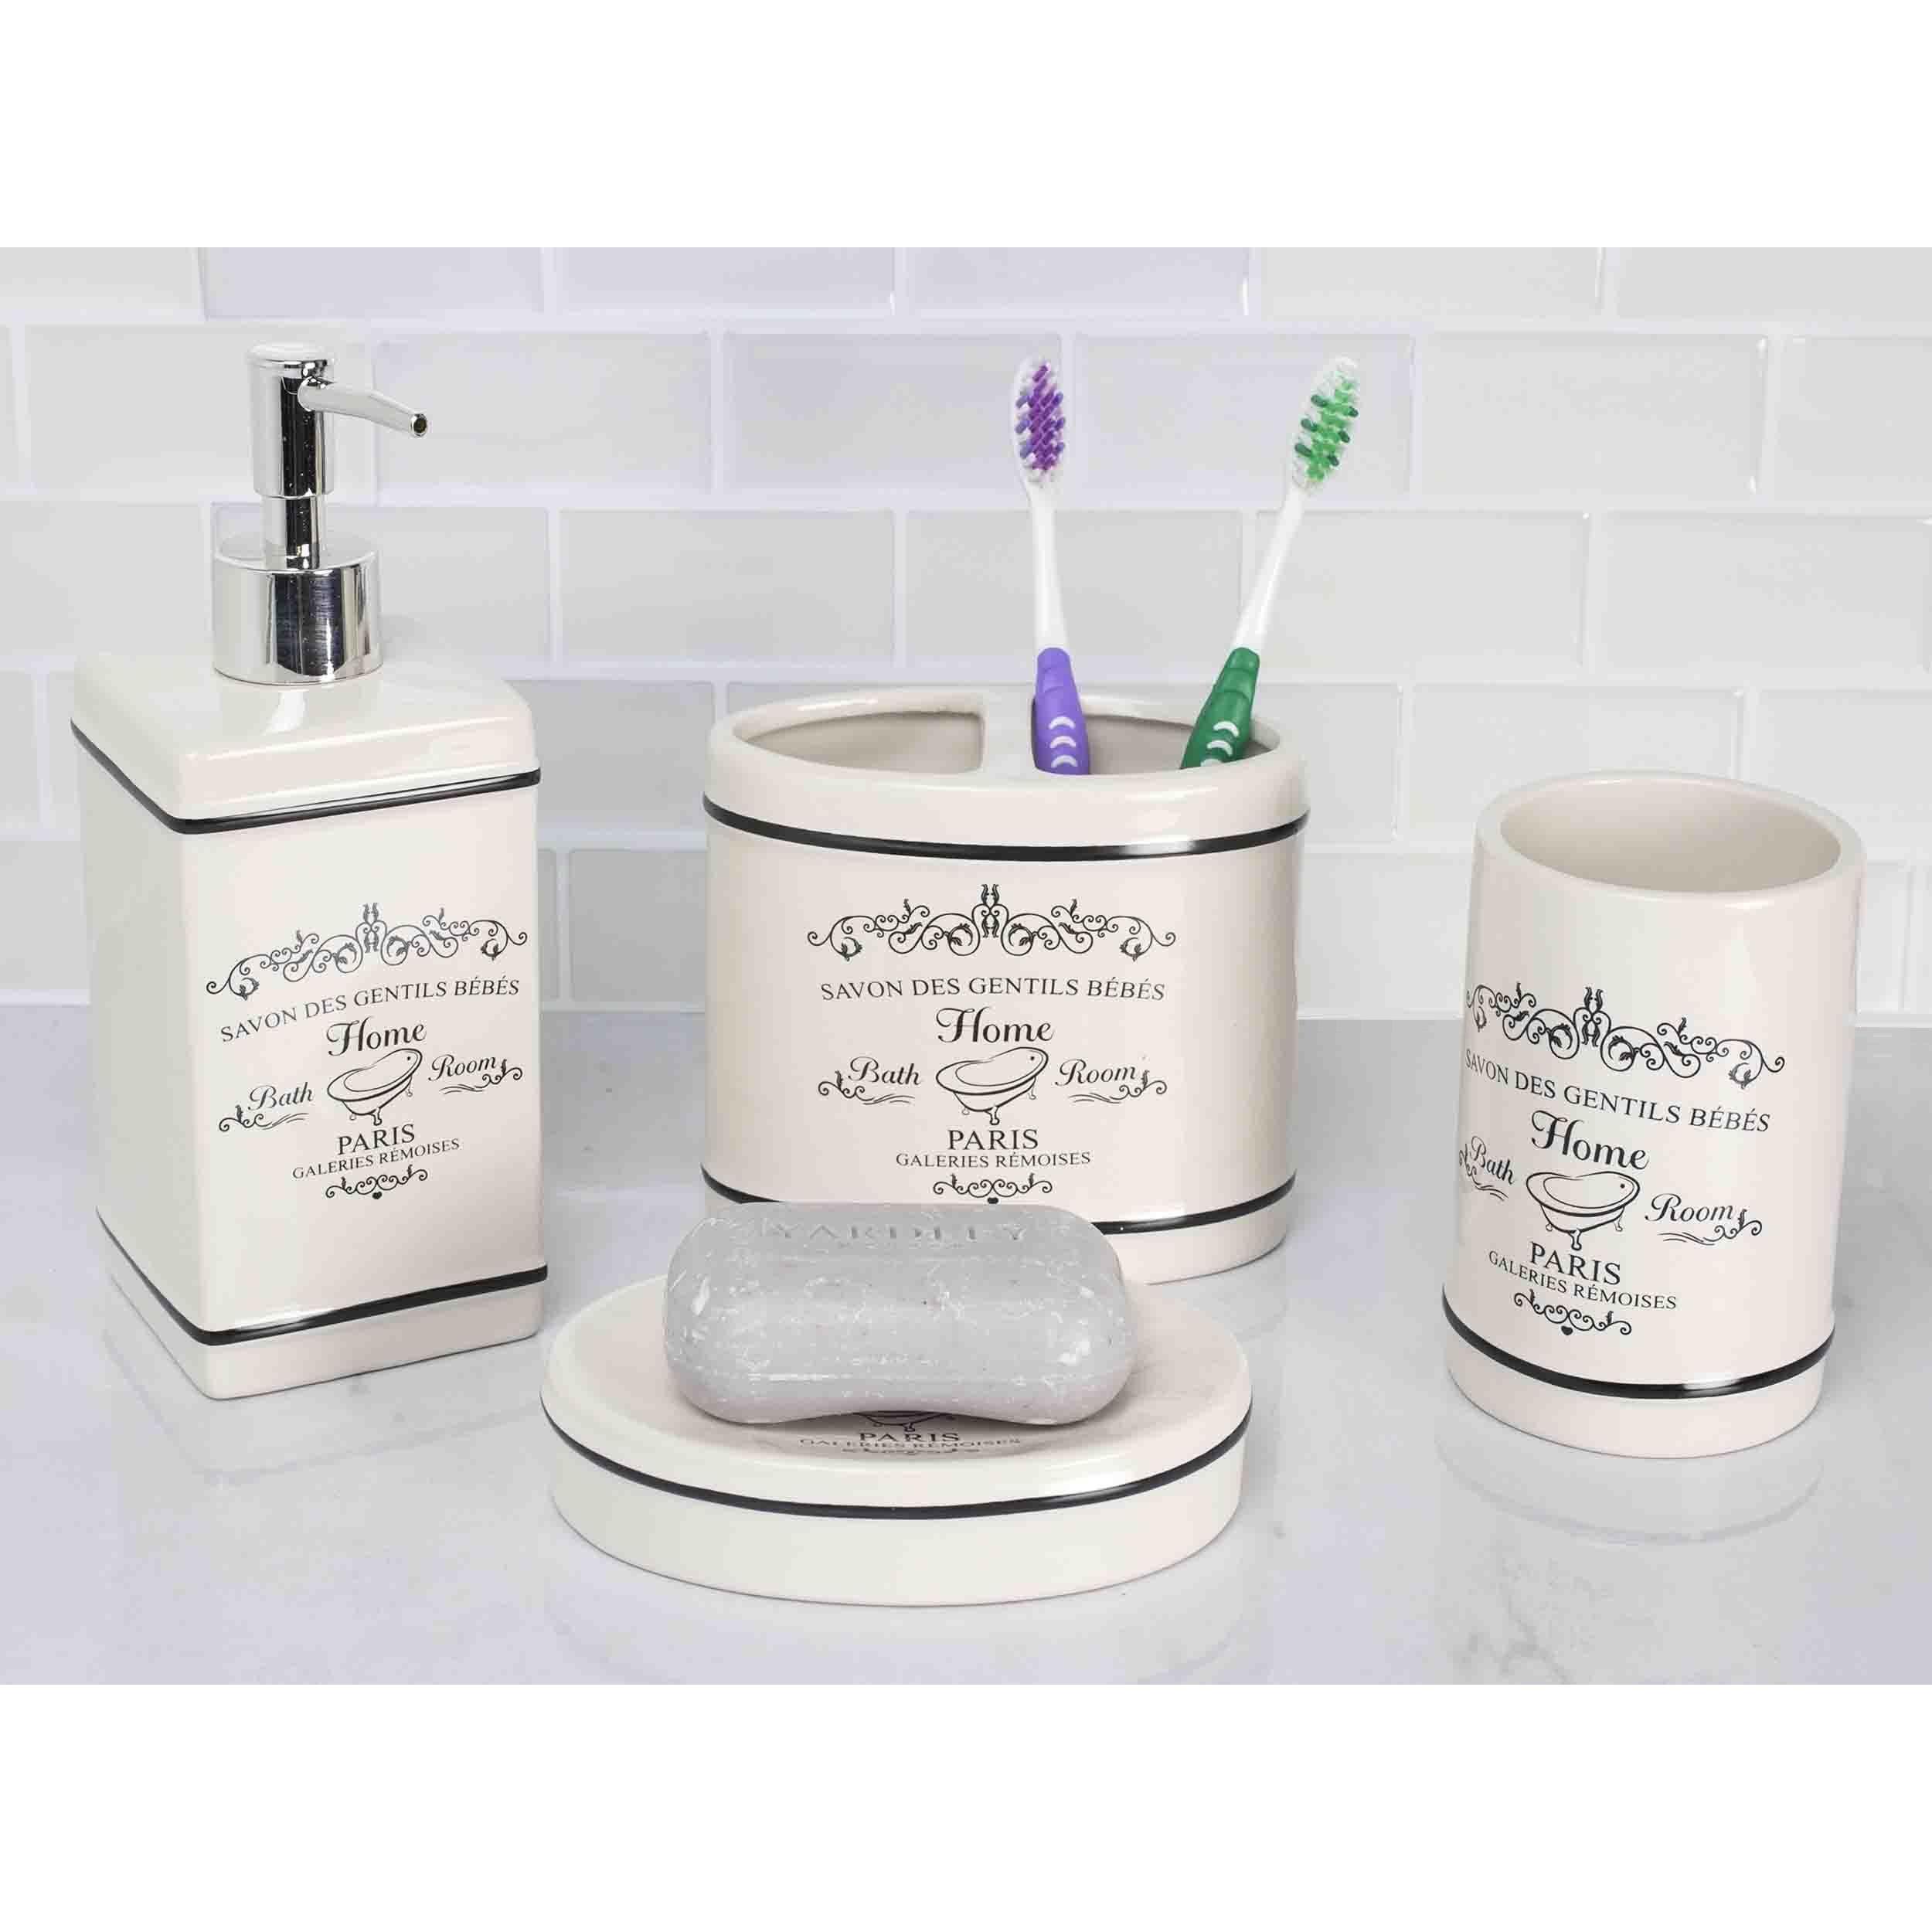 Home Basics Paris Offwhite Ceramic 4Piece Bathroom Accessory Set Enchanting Bathroom Accessory Set Design Ideas